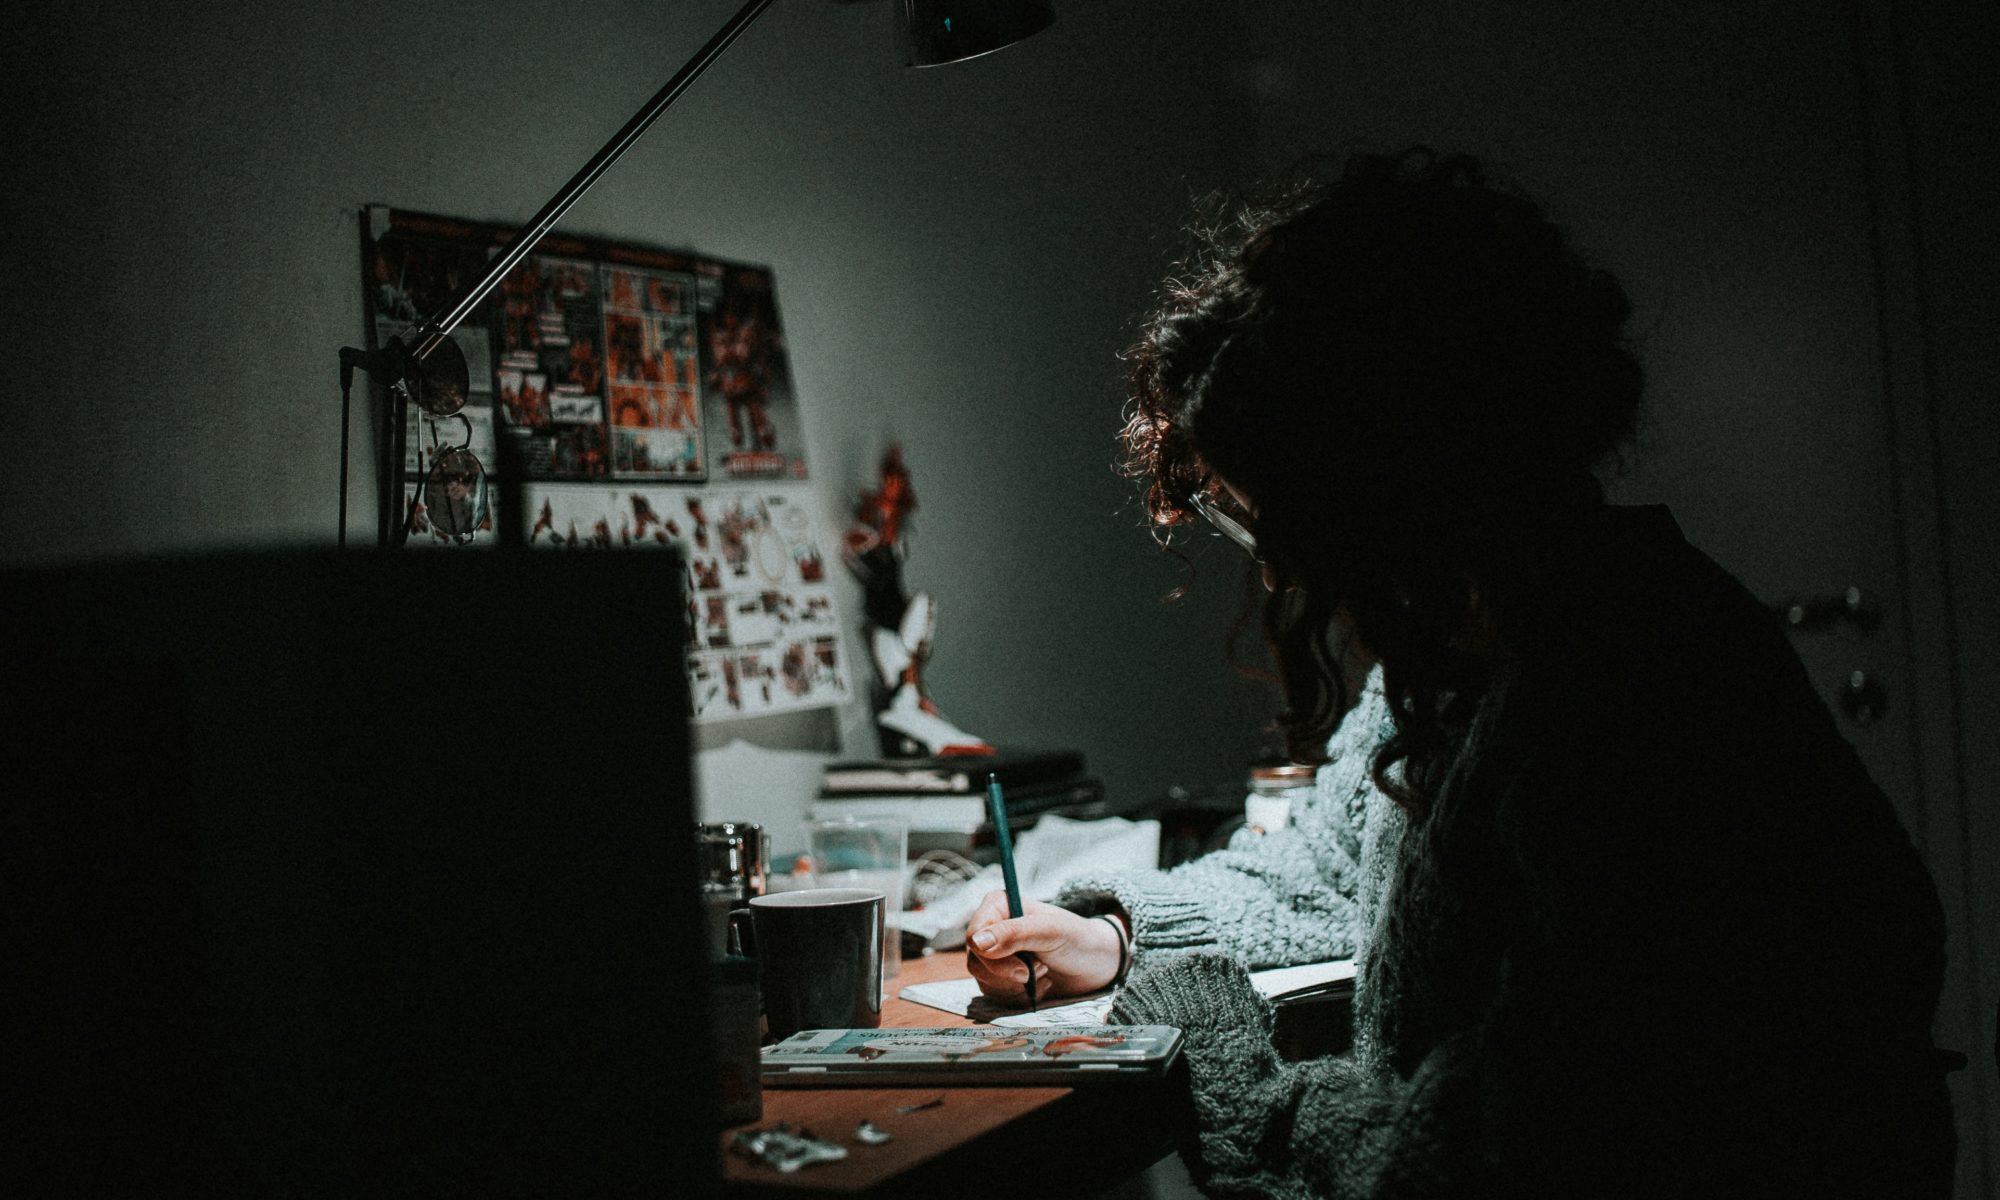 Artista nello studio. Foto di daniel chekalov